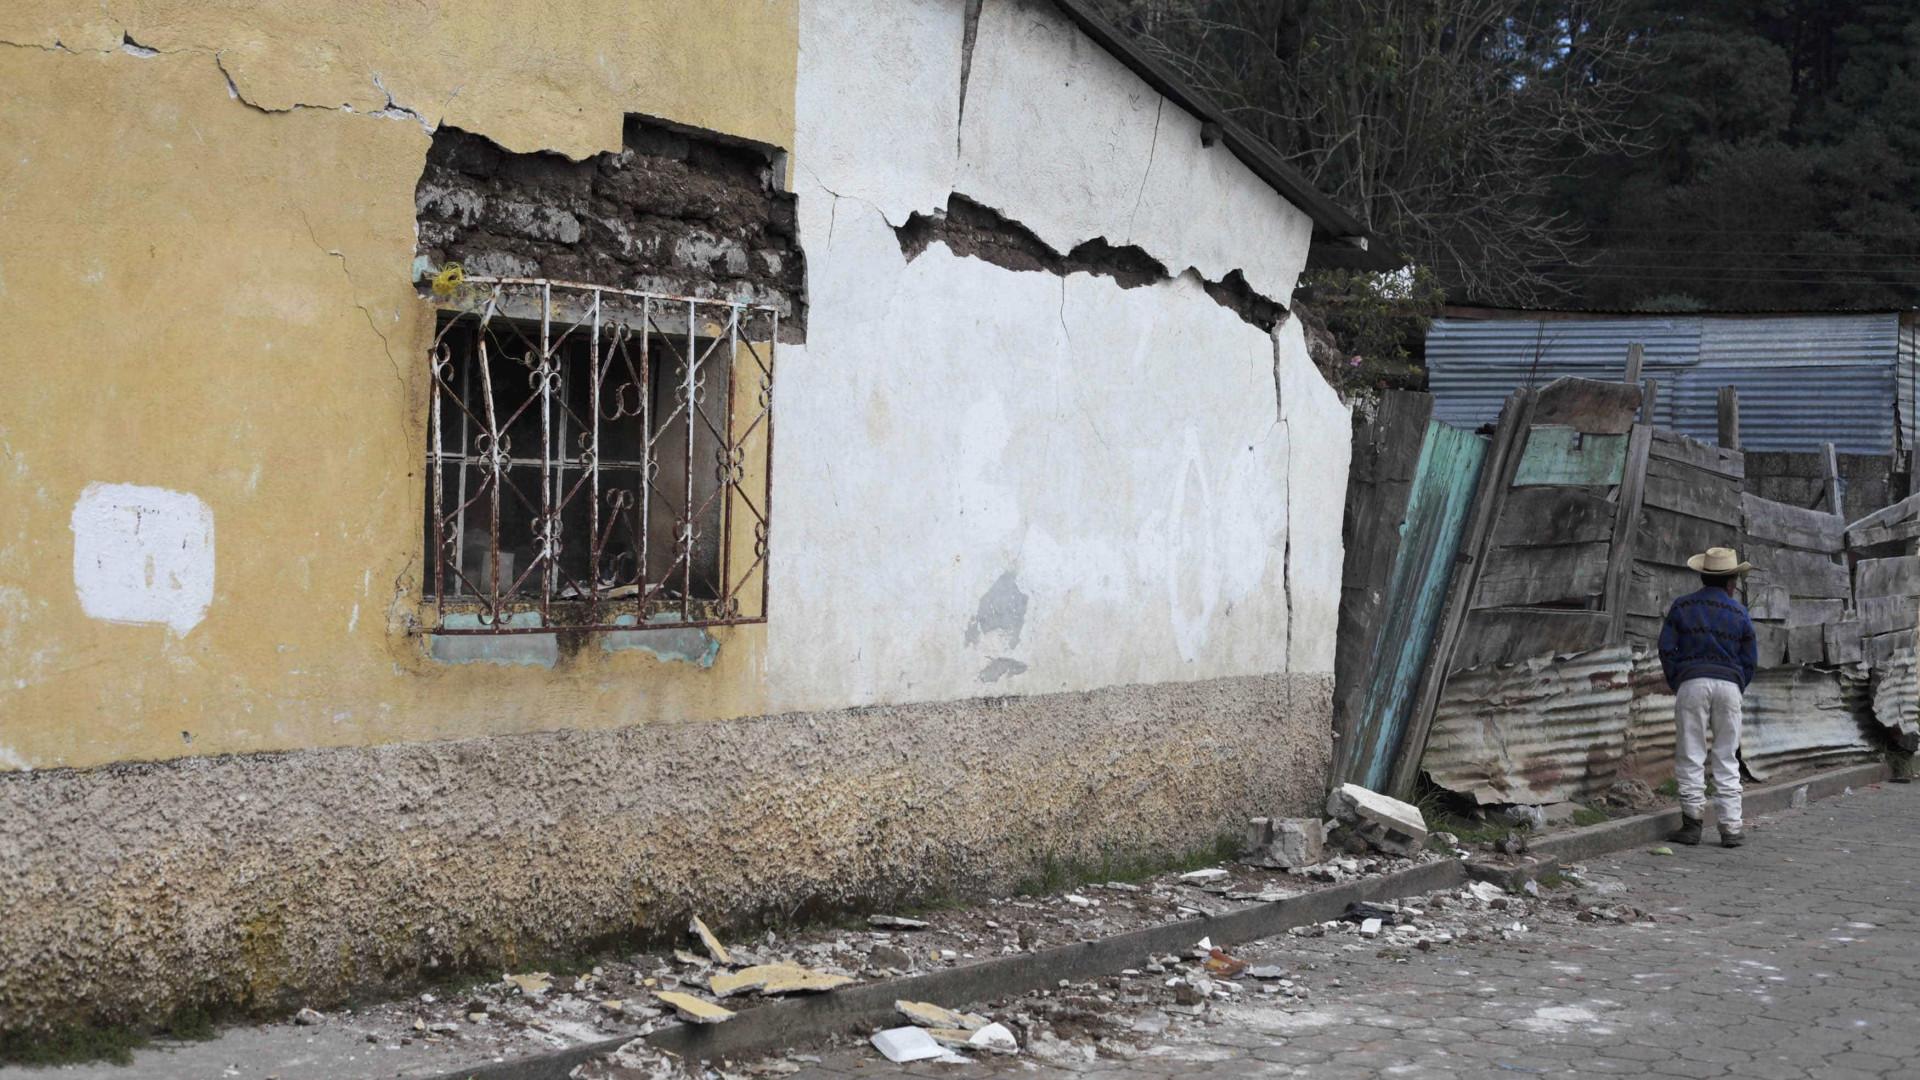 Terremoto de 5,8 na escala Richter é registrado em Guayaquil